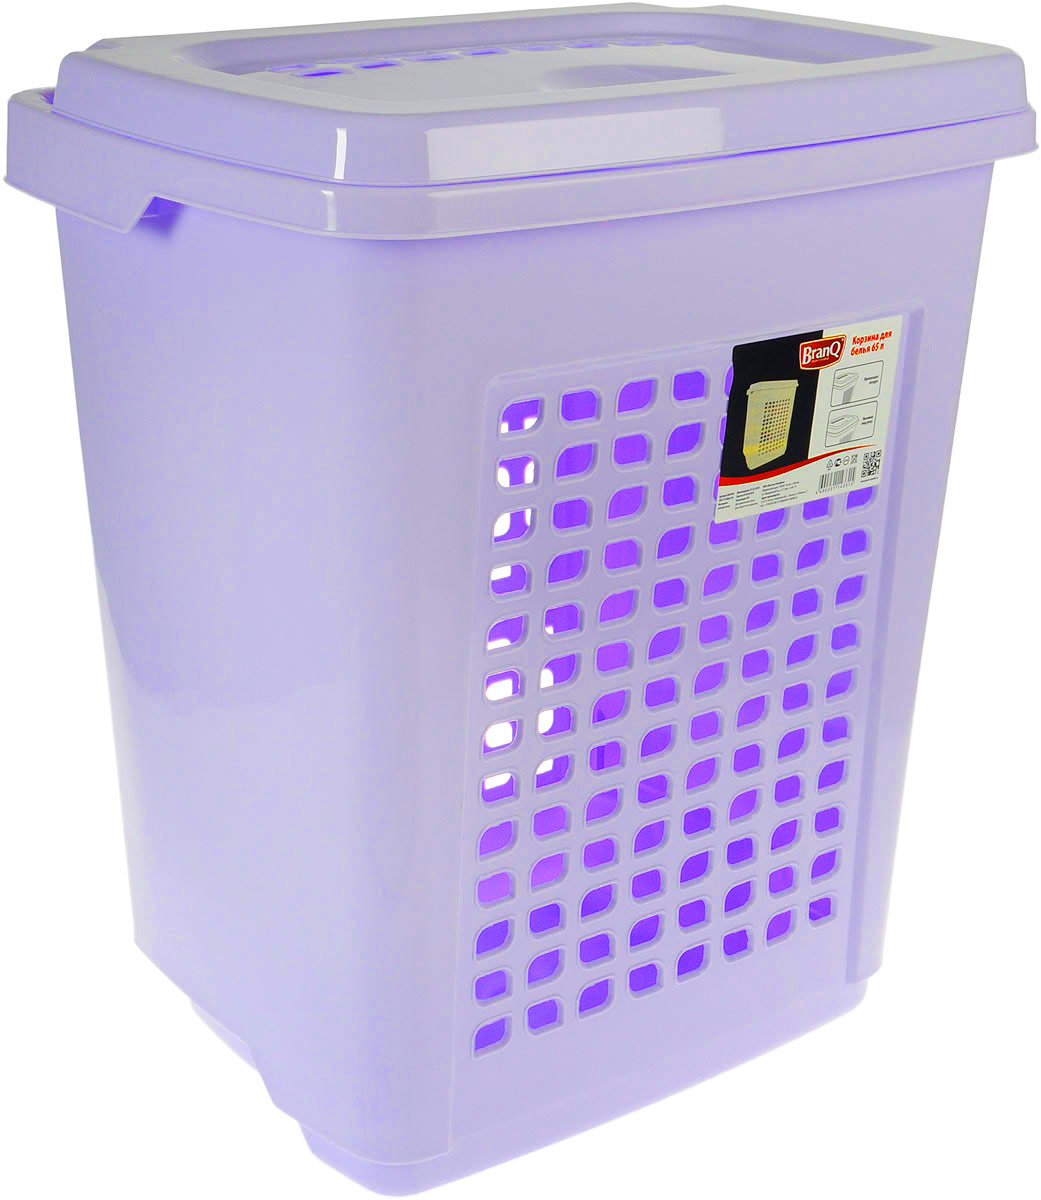 """Корзина для белья """"BranQ"""" изготовлена из прочного пластика. Корзина пропускает воздух, устойчива к перепадам температур и влажности, поэтому идеально подходит для ванной комнаты. Изделие оснащено выемками под руки и крышкой. Можно использовать для хранения белья, детских игрушек, домашней обуви и прочих бытовых вещей. Элегантный дизайн подойдет к интерьеру любой ванной."""